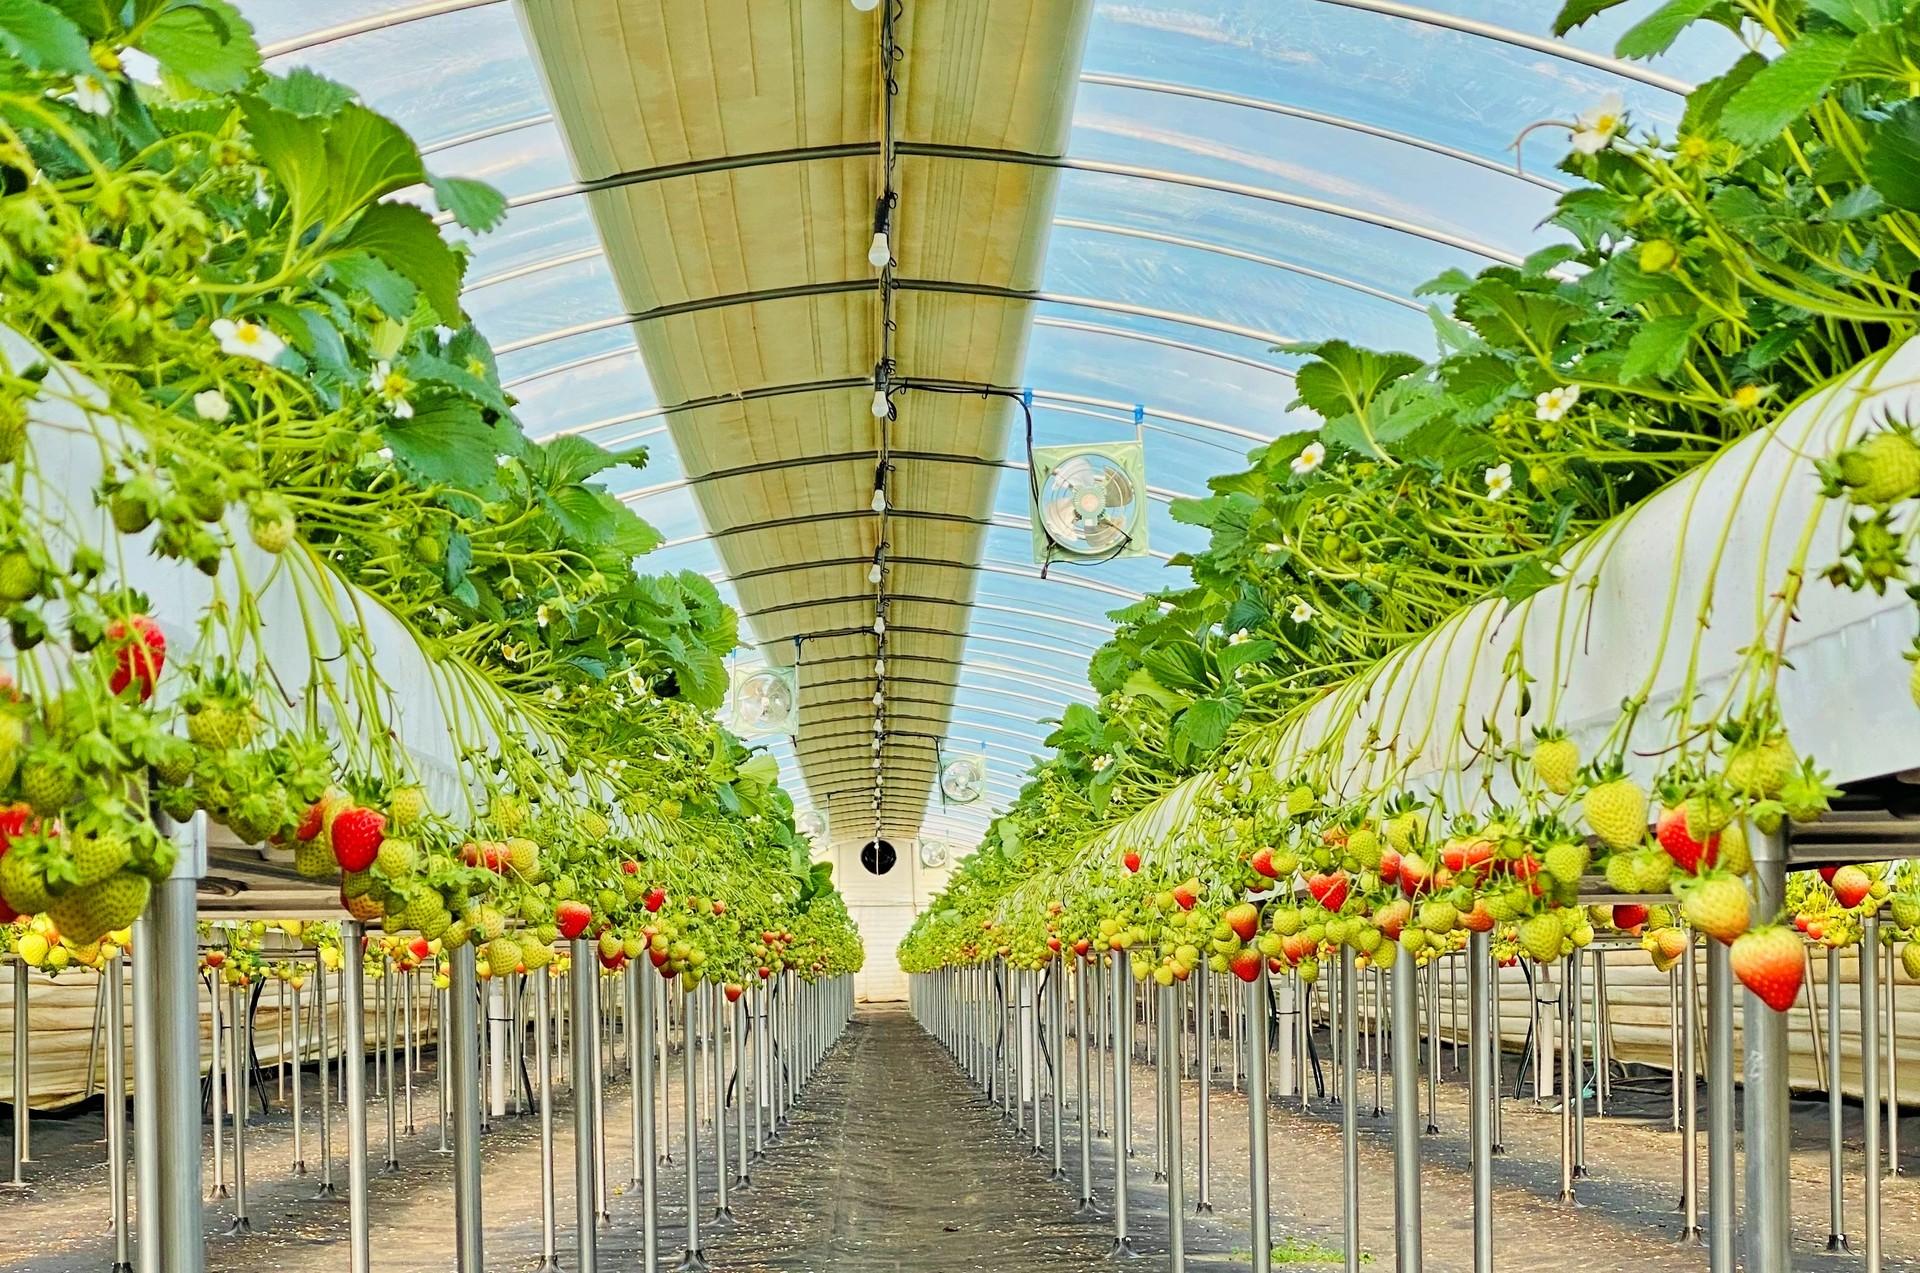 딸기나무에서 운영하는 '용배랜드딸기체험농장' 입니다.